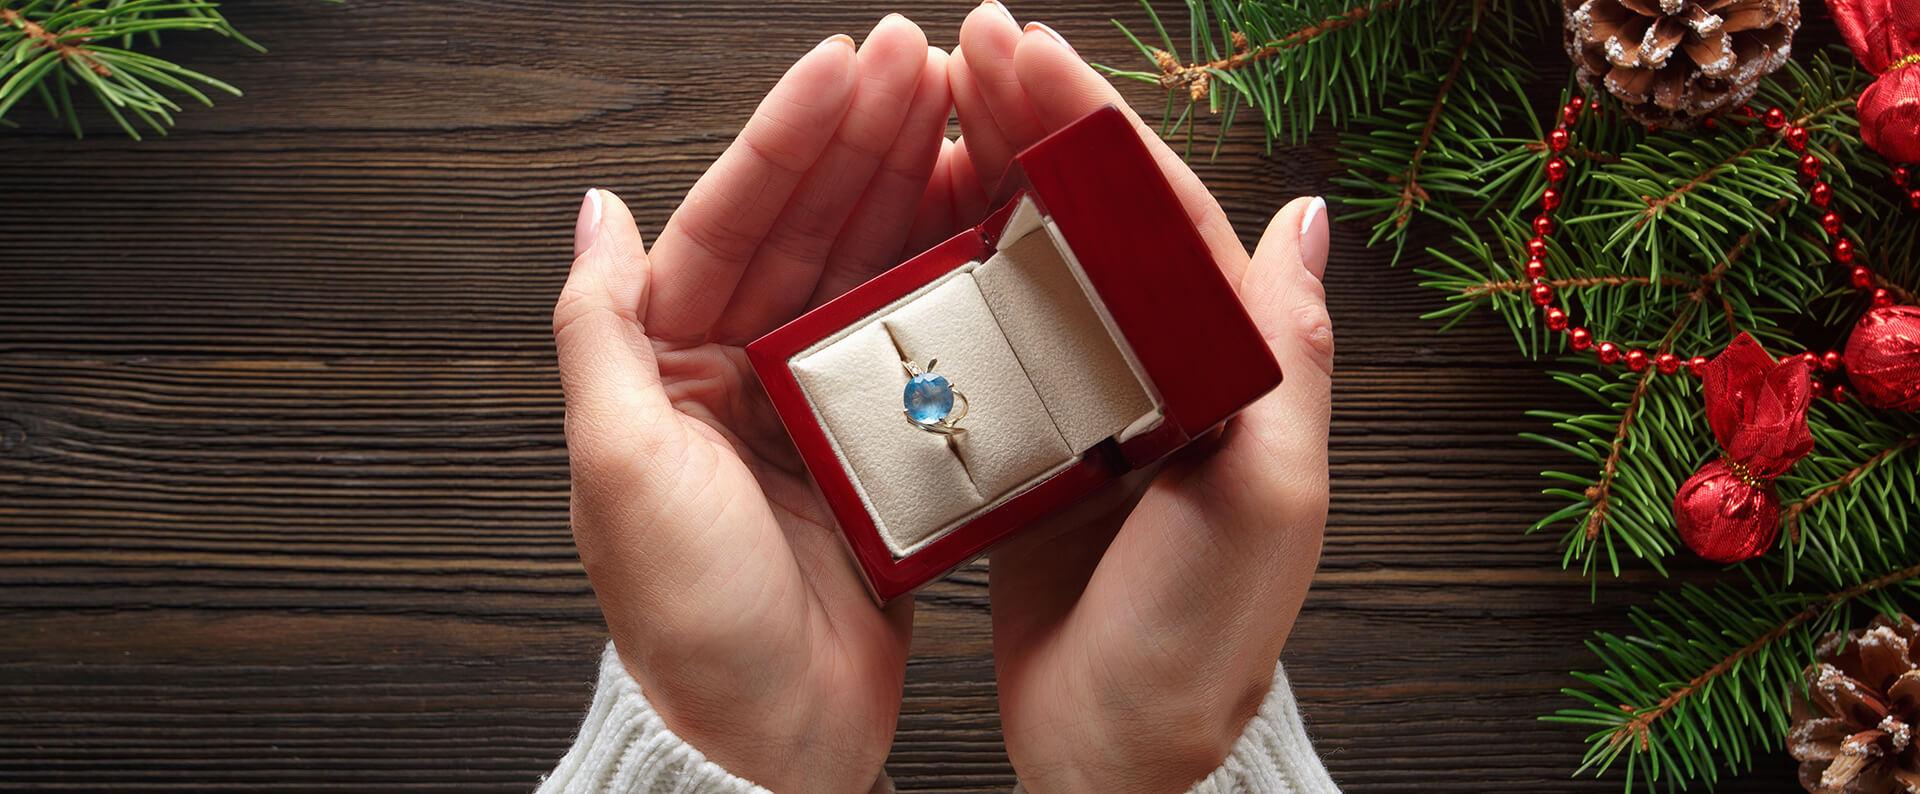 jak kupić pierścionek kiedy nie znam rozmiaru